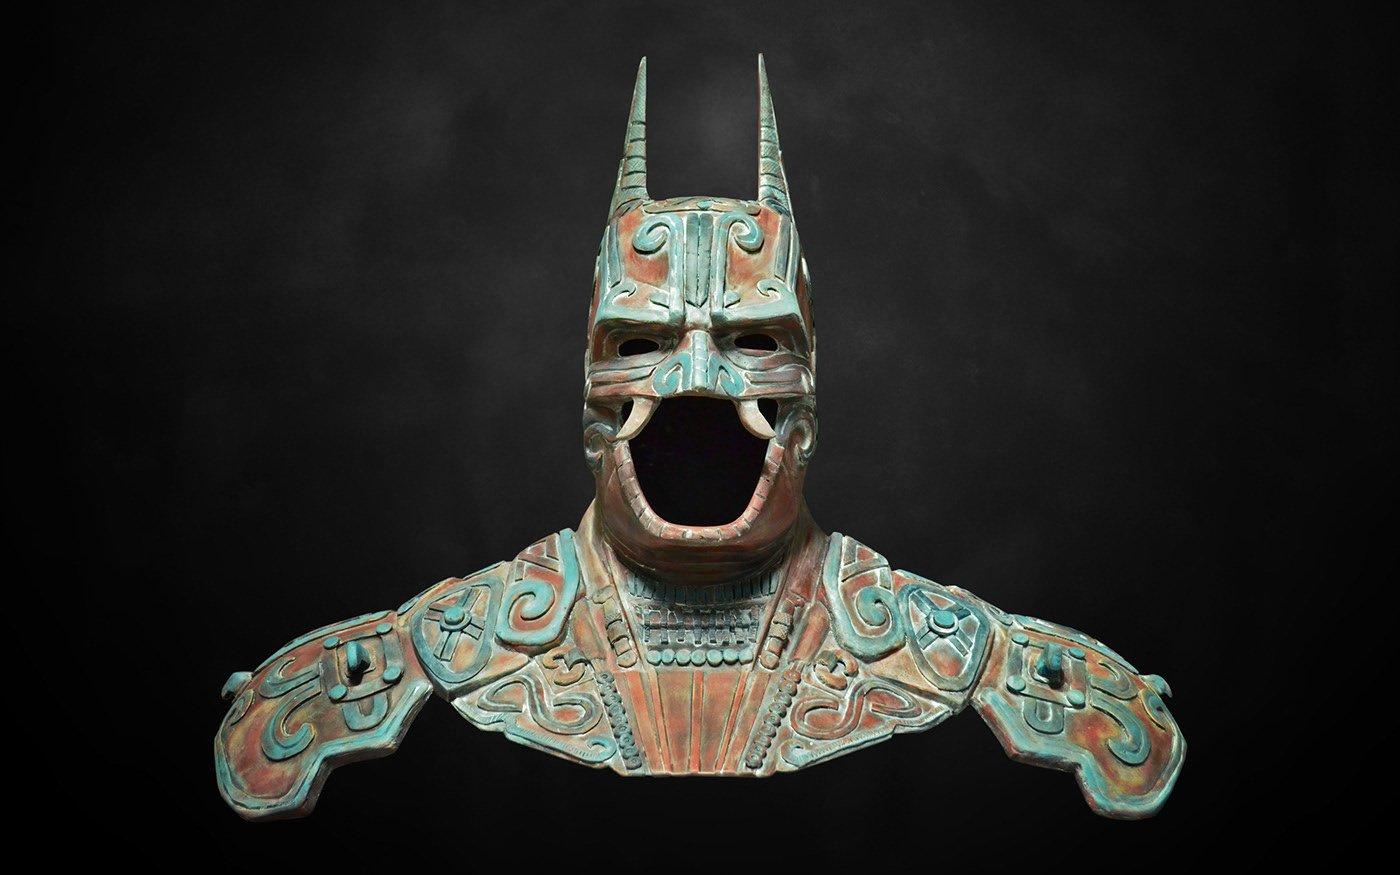 Ето го другото лице на Батман – Камазоц